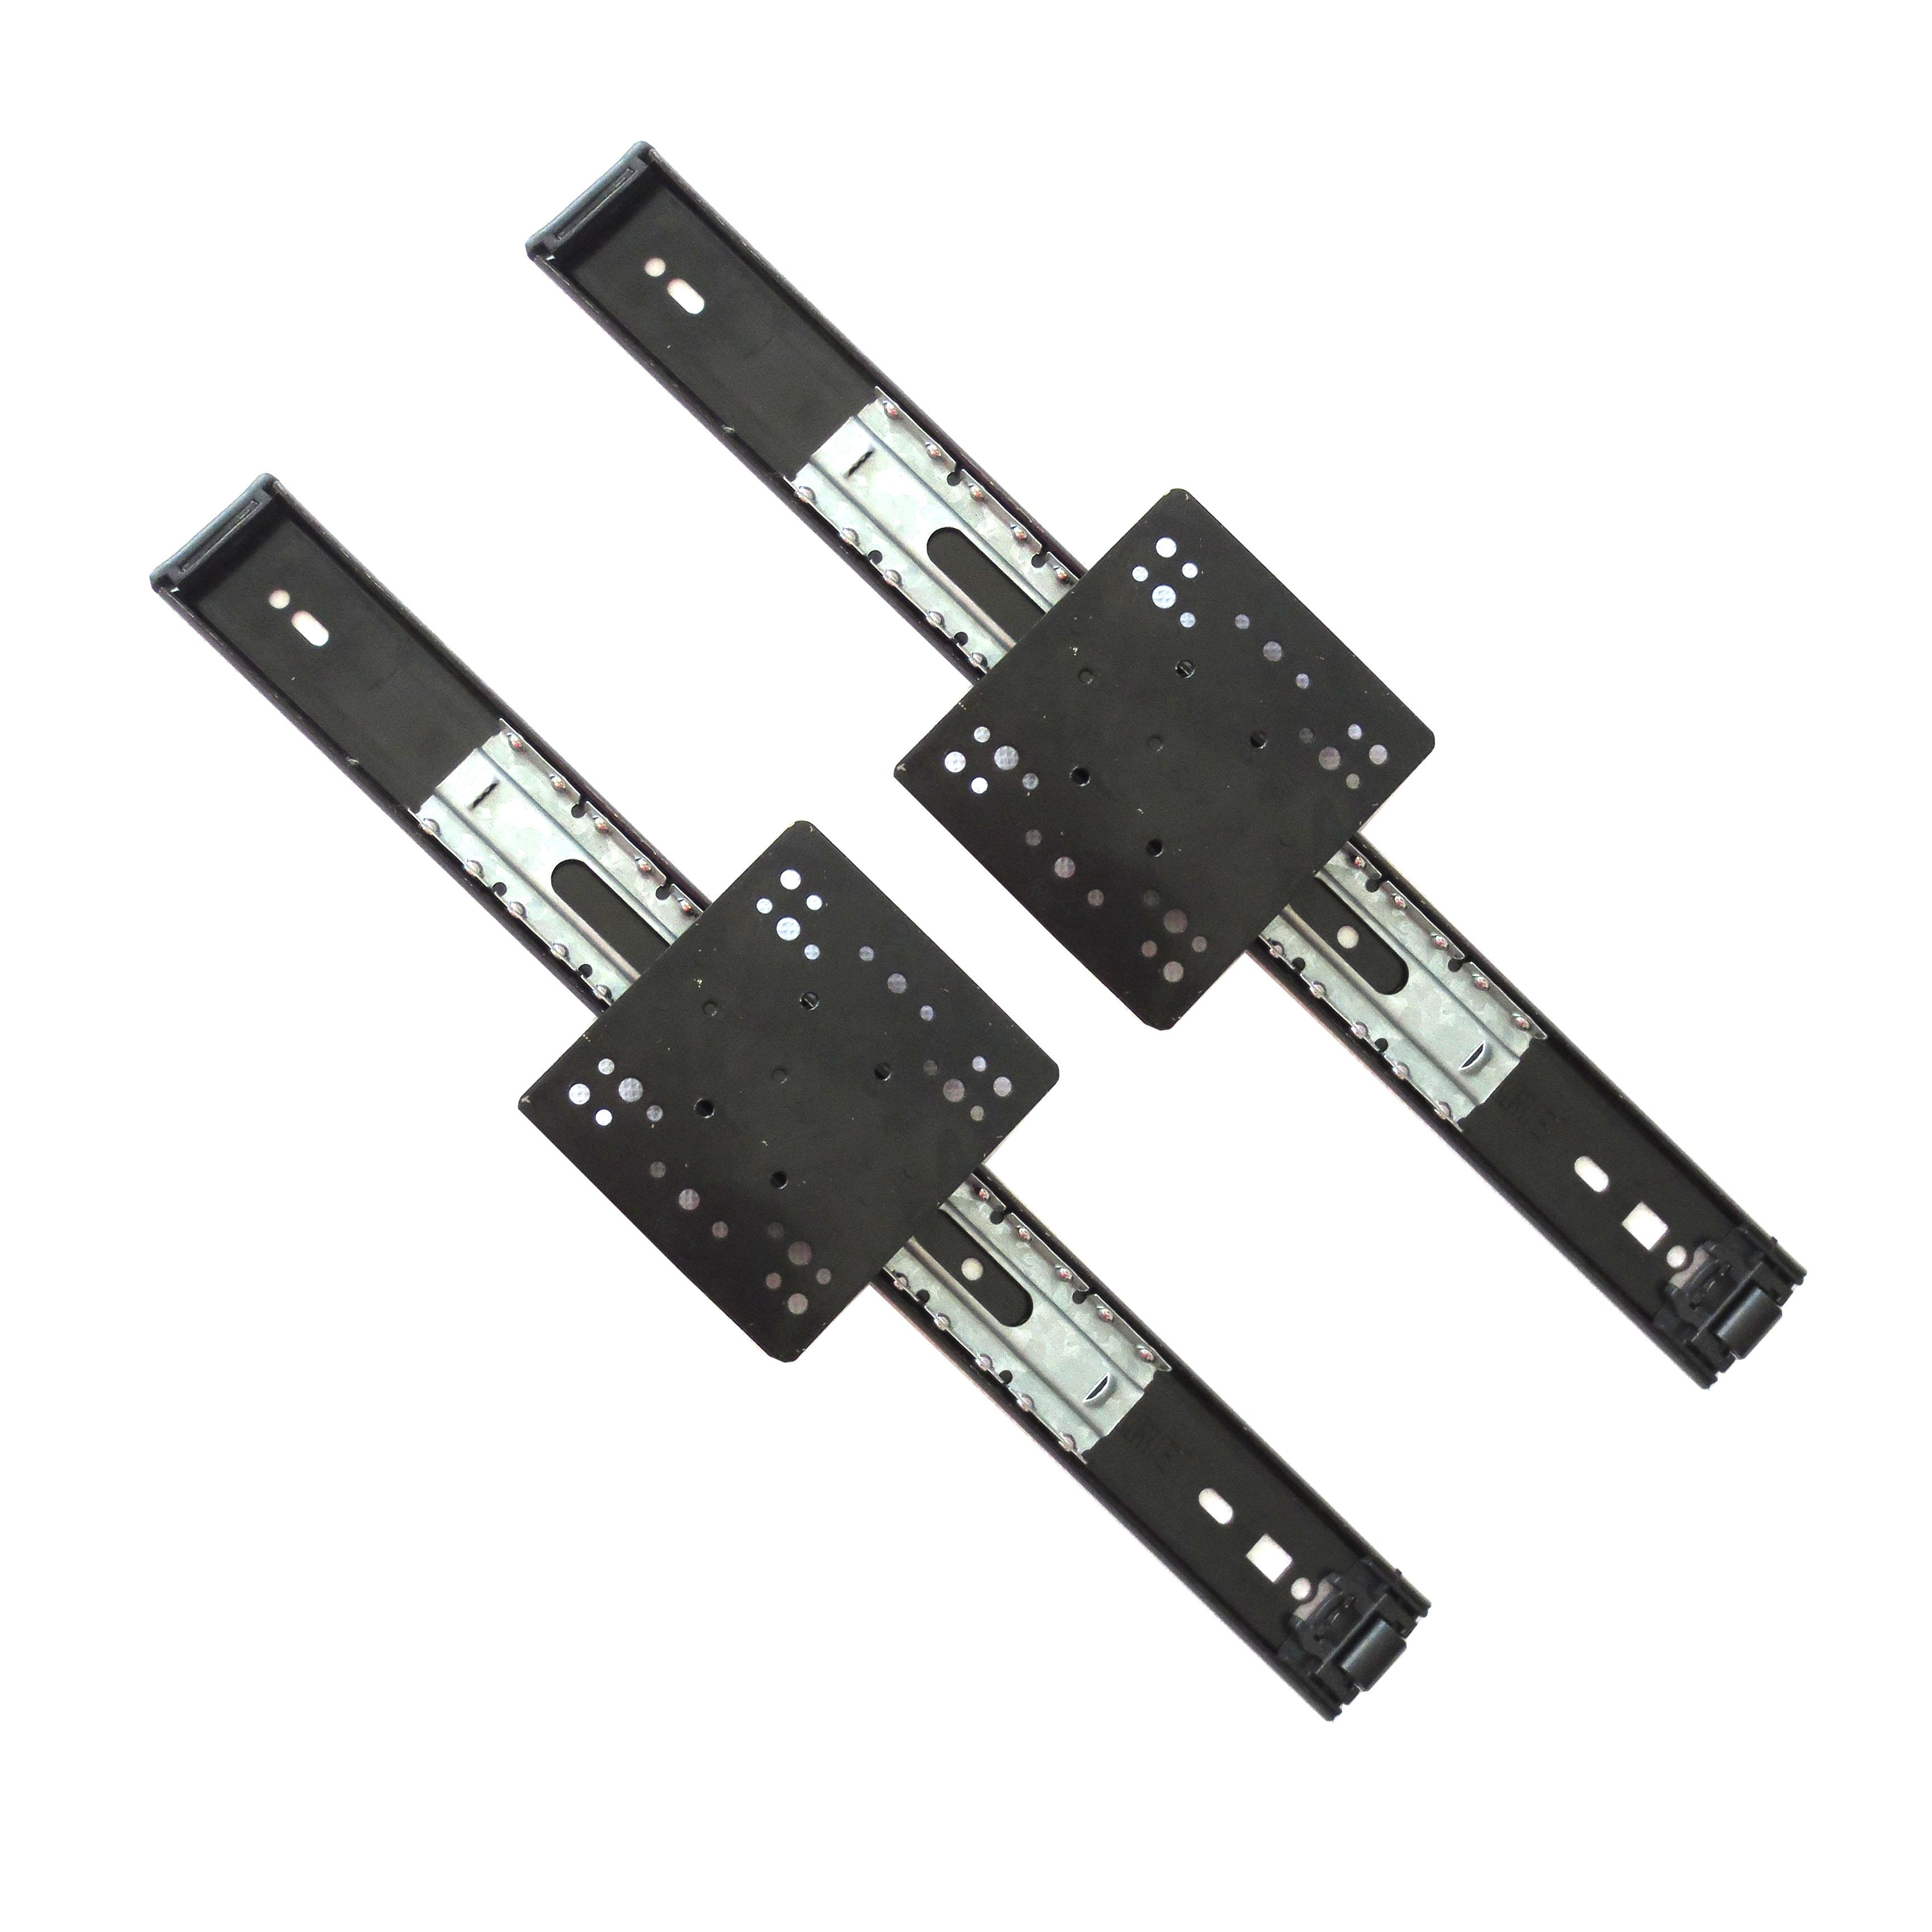 35mm寬《方板滑軌》 / 鋼柜滑軌  / 電視柜滑軌